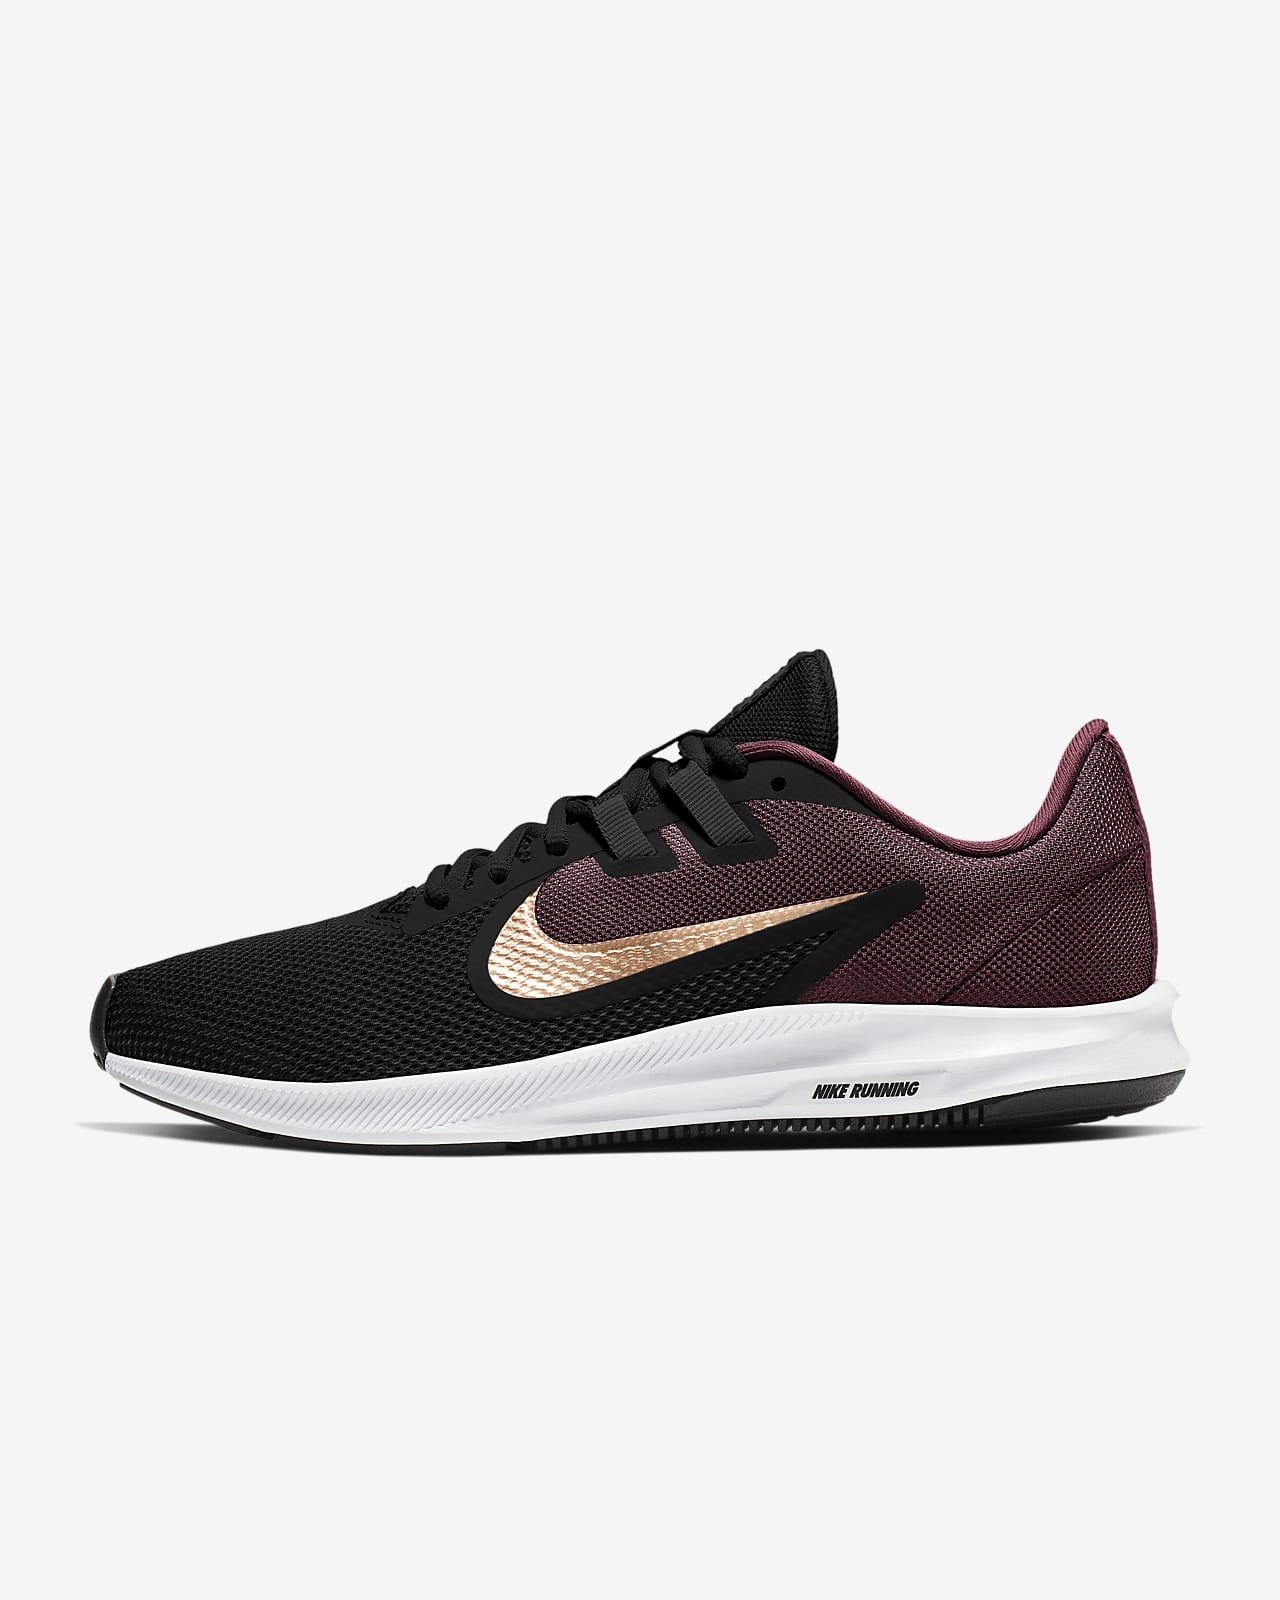 Nike Downshifter 9 Women's Running Shoes in 2020   Nike